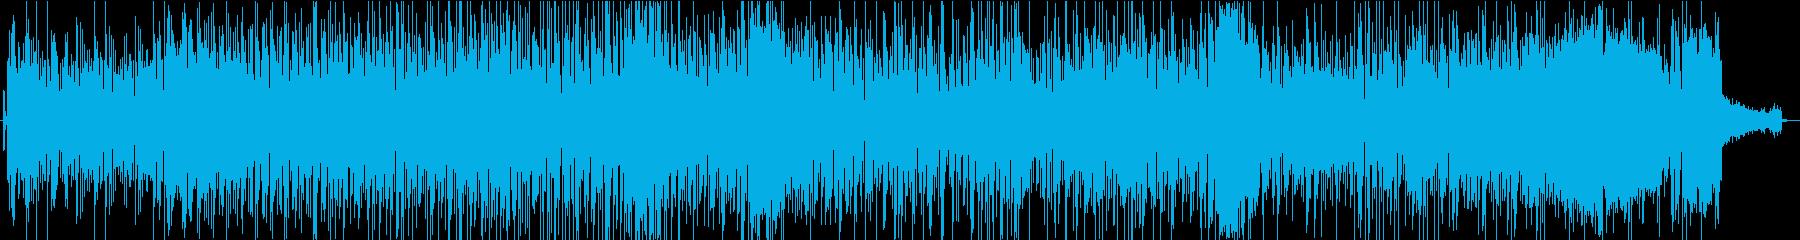 〜コミカルなテンポでアラビアンな曲調♪〜の再生済みの波形